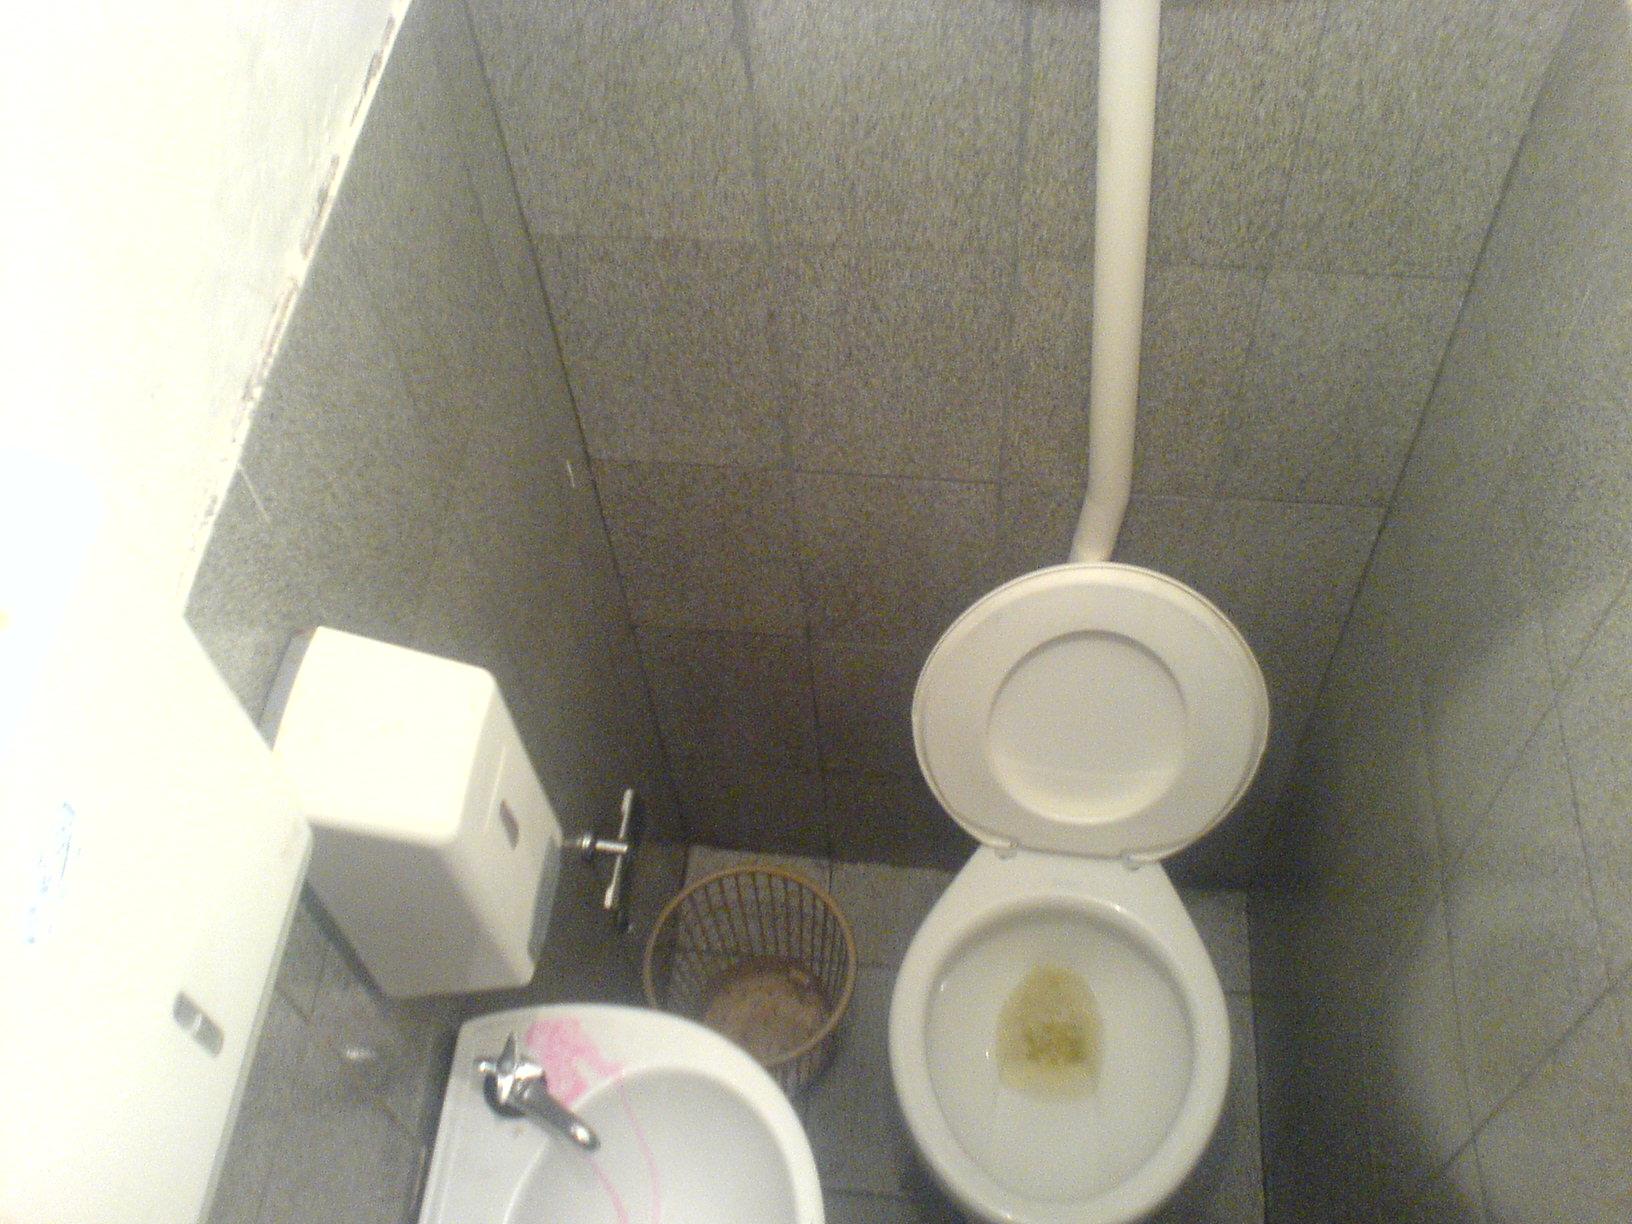 Caninhas Botequeiros Página 2 #837E48 1632x1224 Banheiro De Pobre Bonito